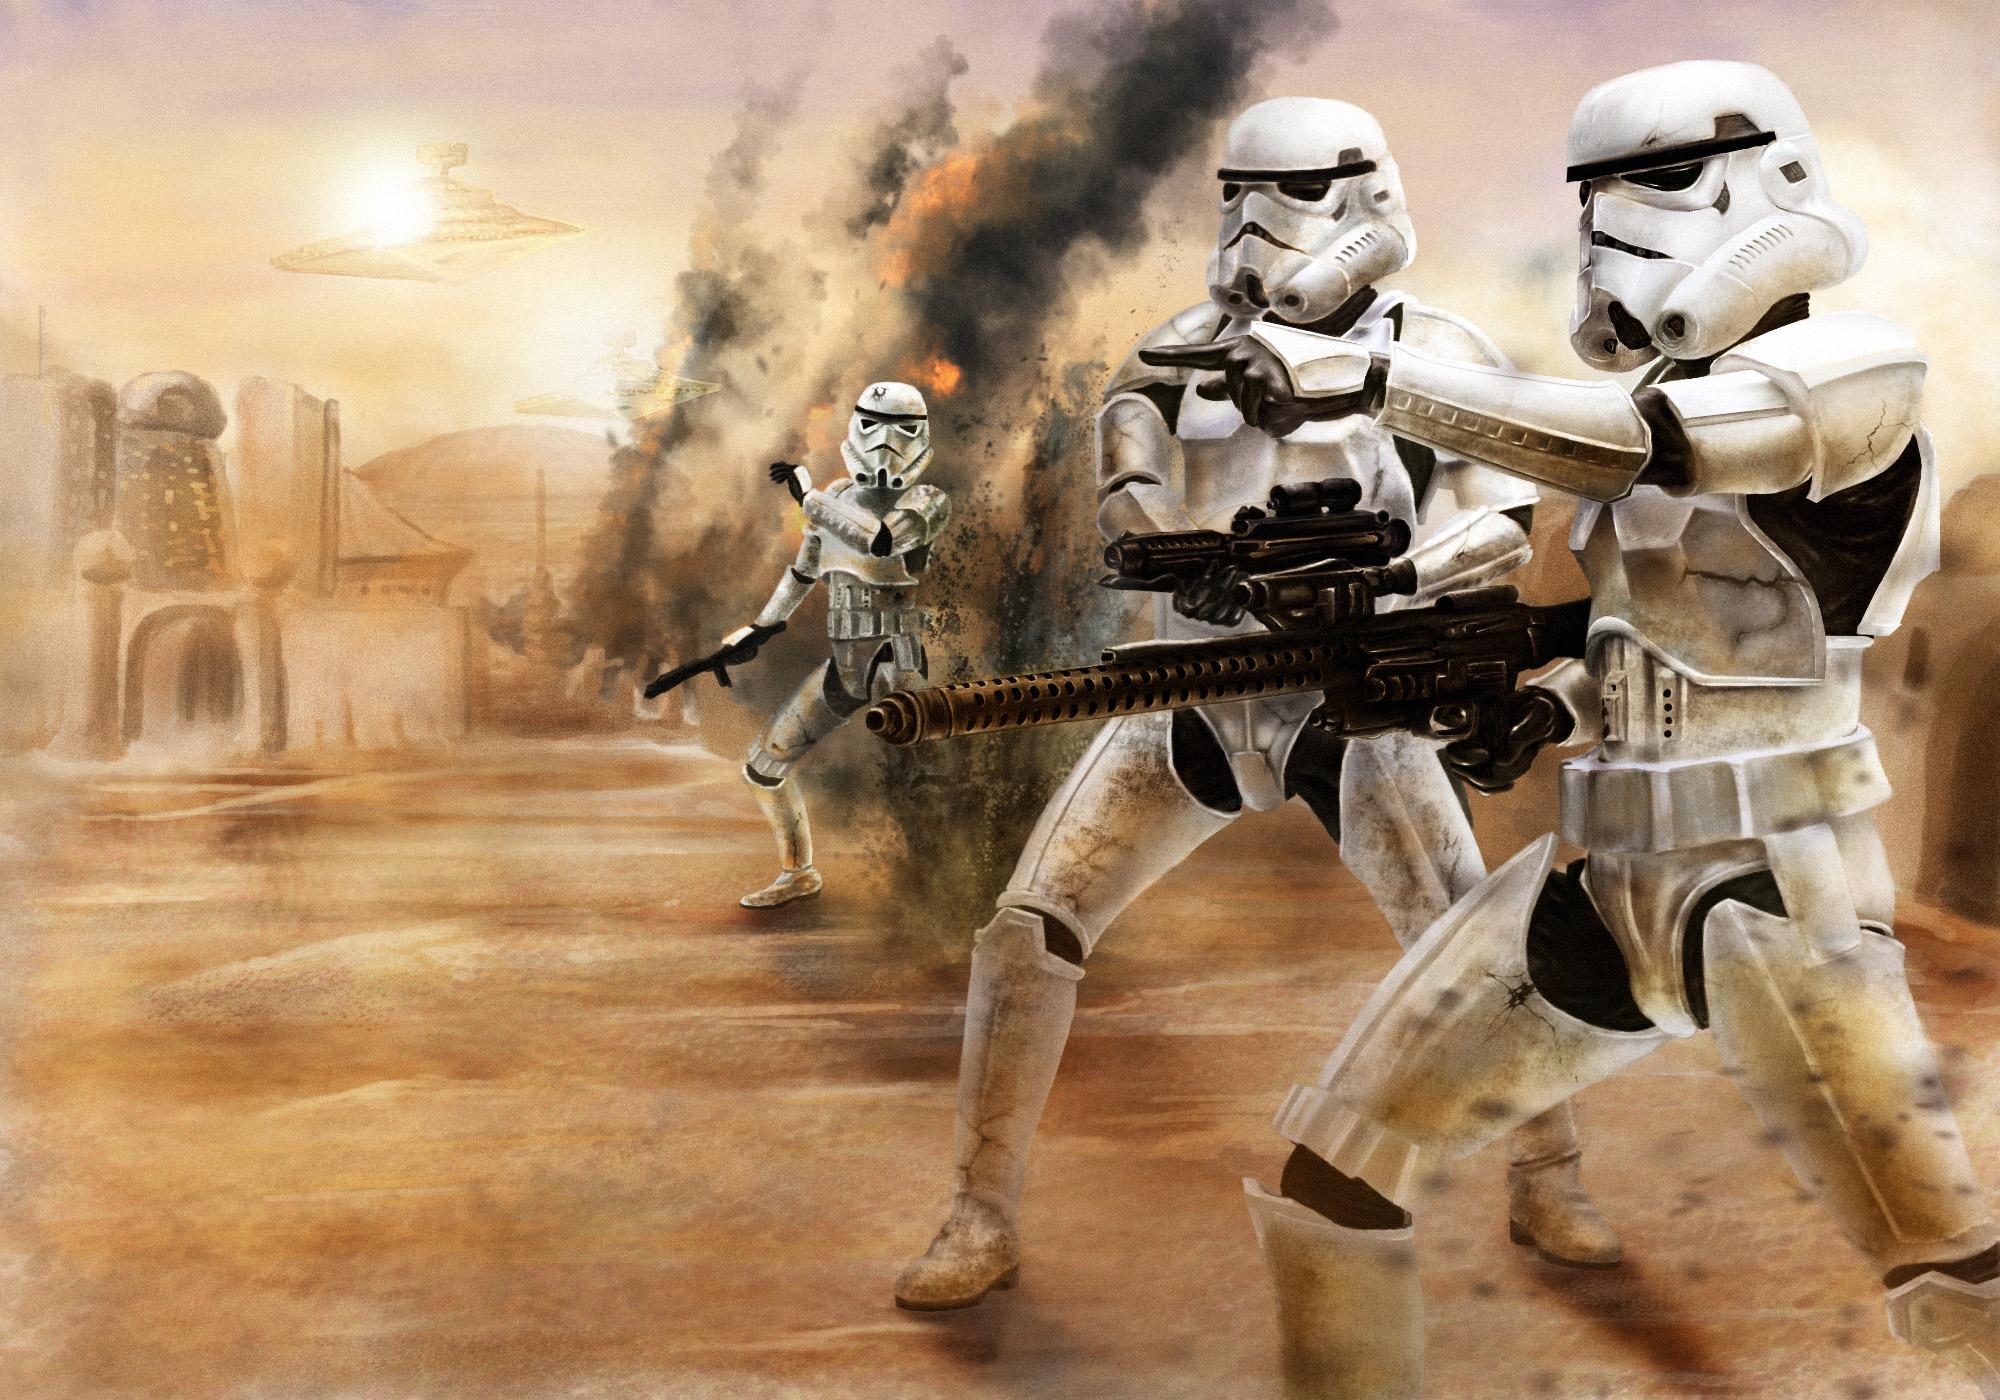 Star Wars- Stormtrooper battle by DookieAdz on DeviantArt